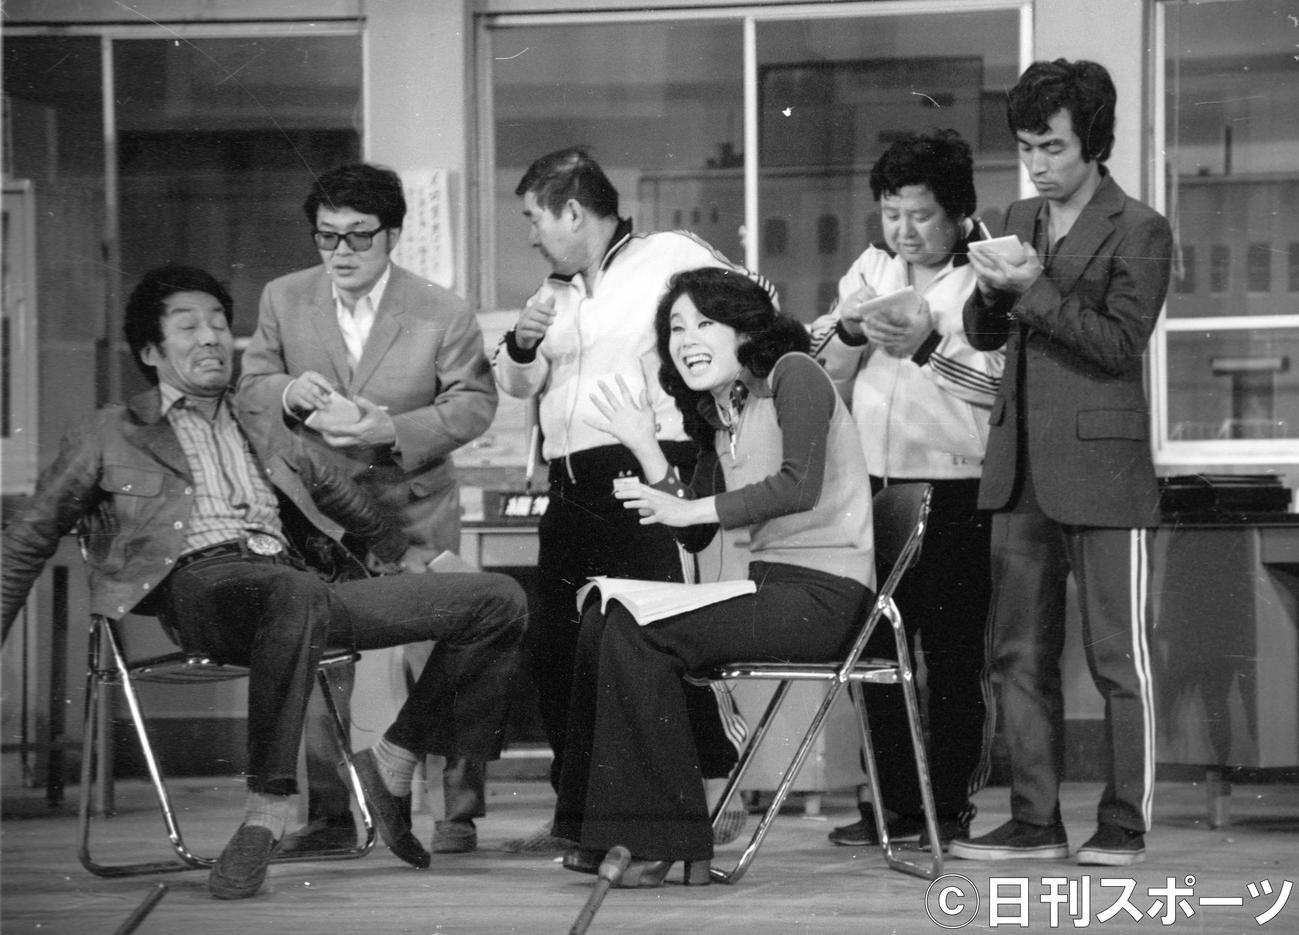 TBS「8時だョ!全員集合」 この日の生放送を最後に抜ける荒井注さん(左から3人目)に代わって、4月1日からドリフターズの正式メンバーになる志村けんさん(右端)。左からいかりや長介さん、仲本工事、1人おいてちあきなおみ、高木ブー(1974年3月30日)